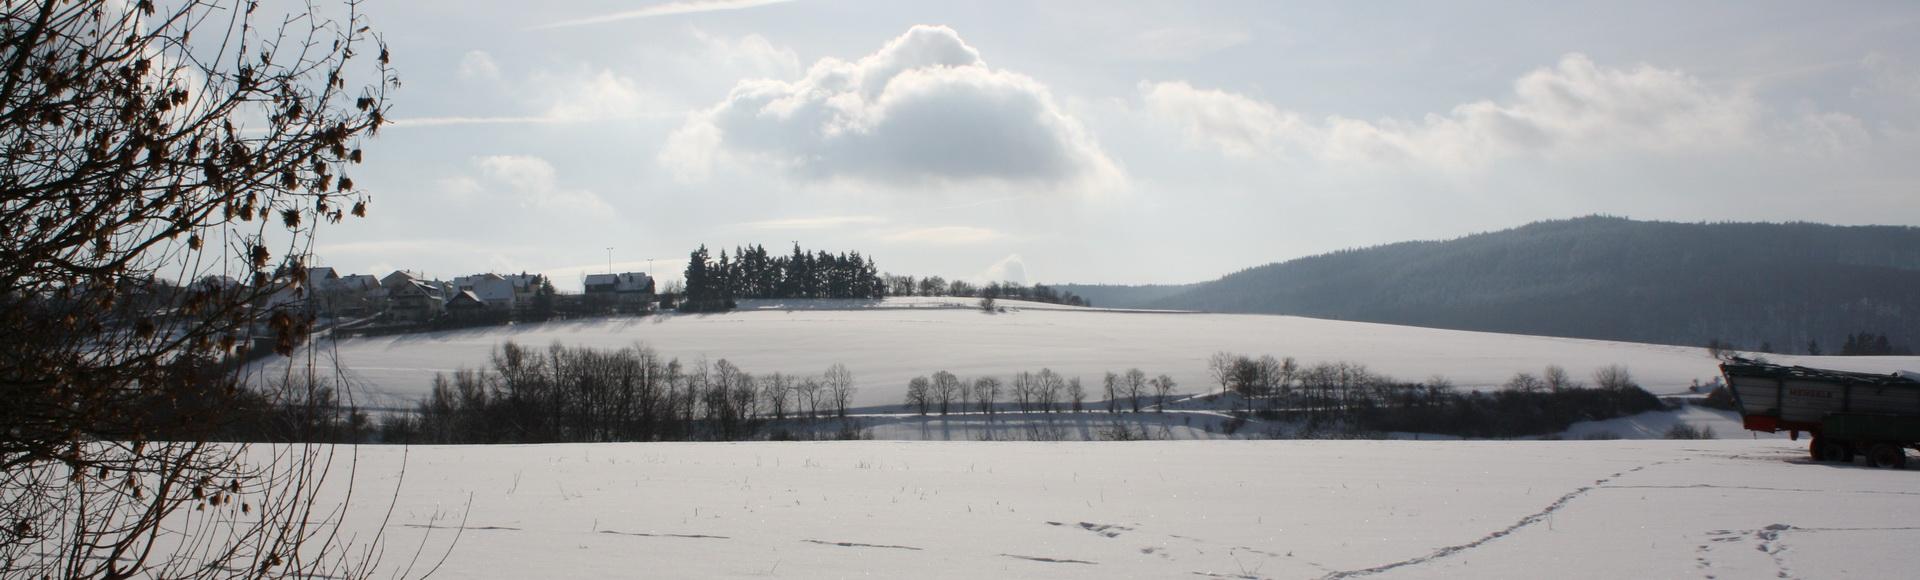 Presberg im Rheingau